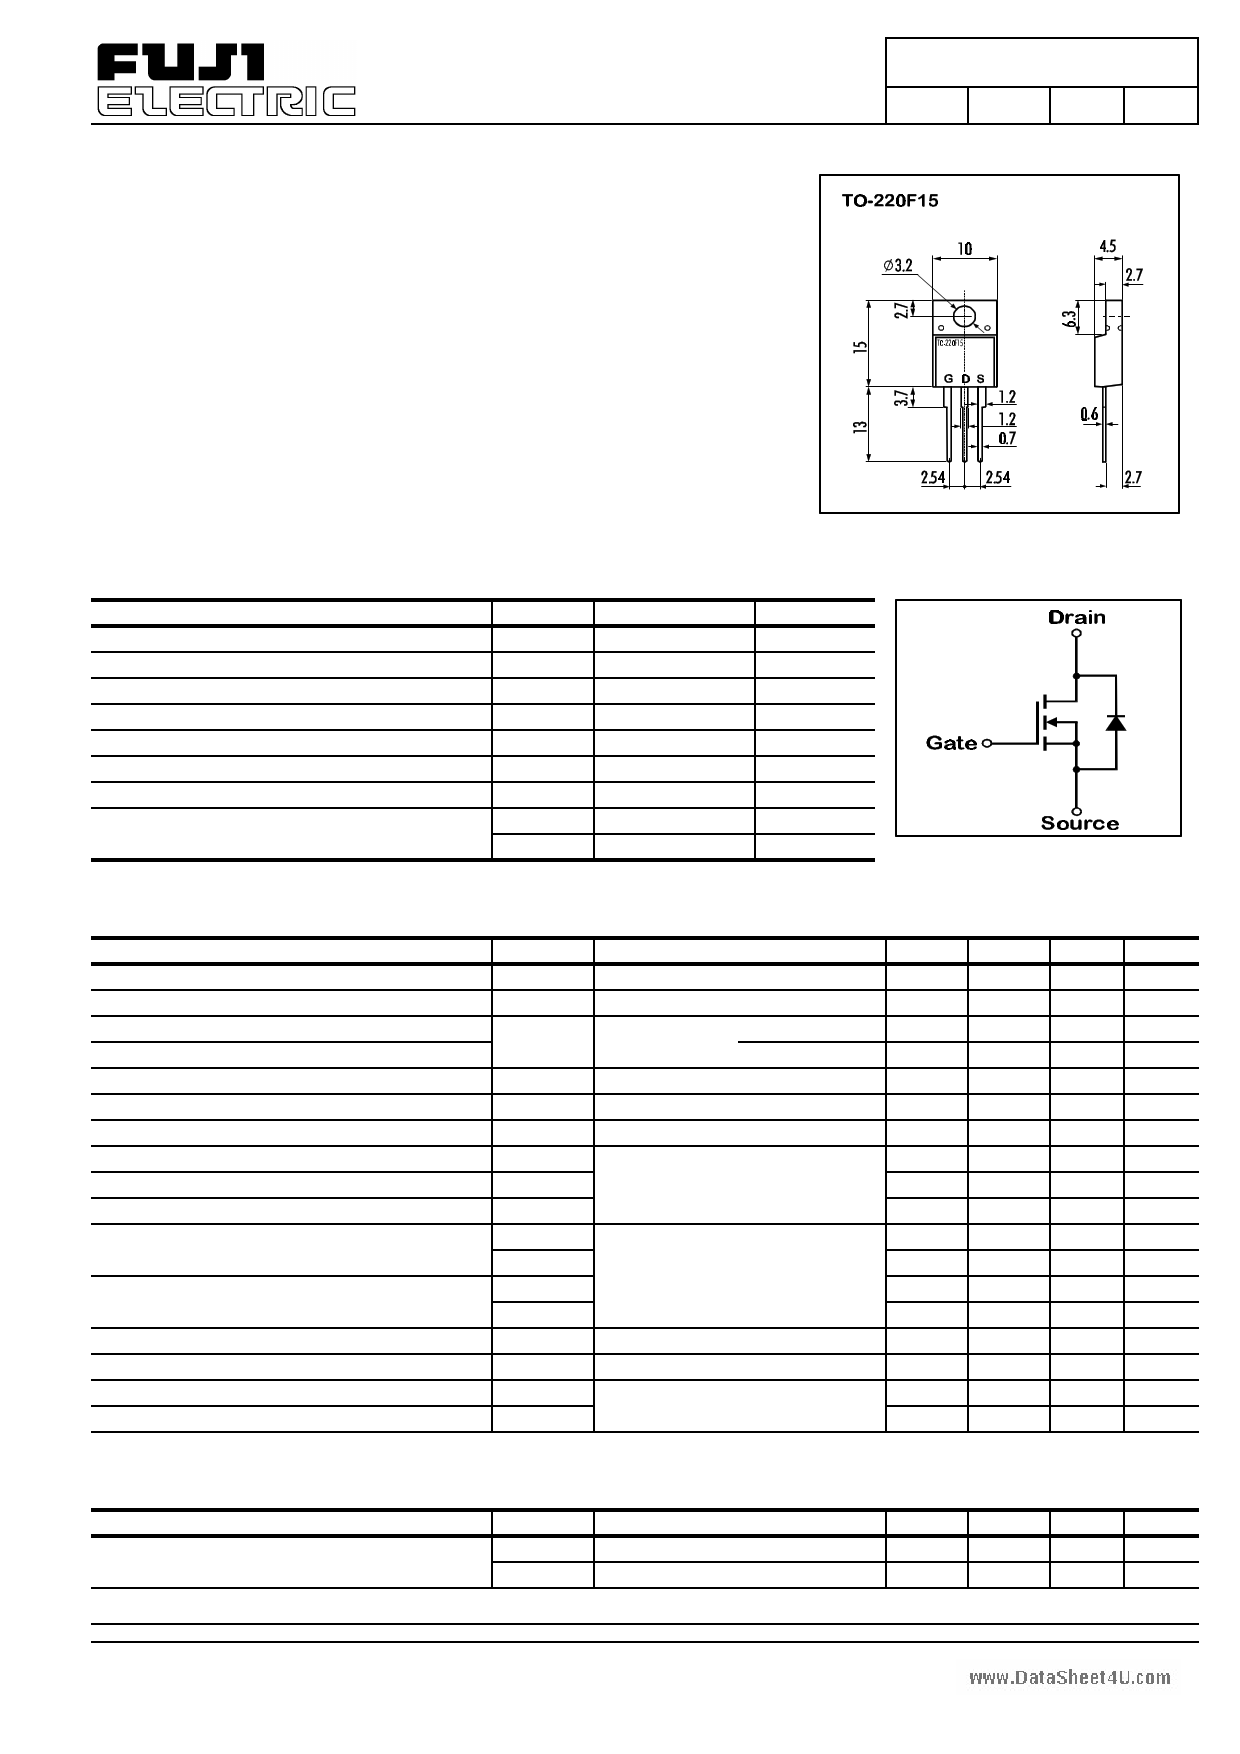 K2638 datasheet image